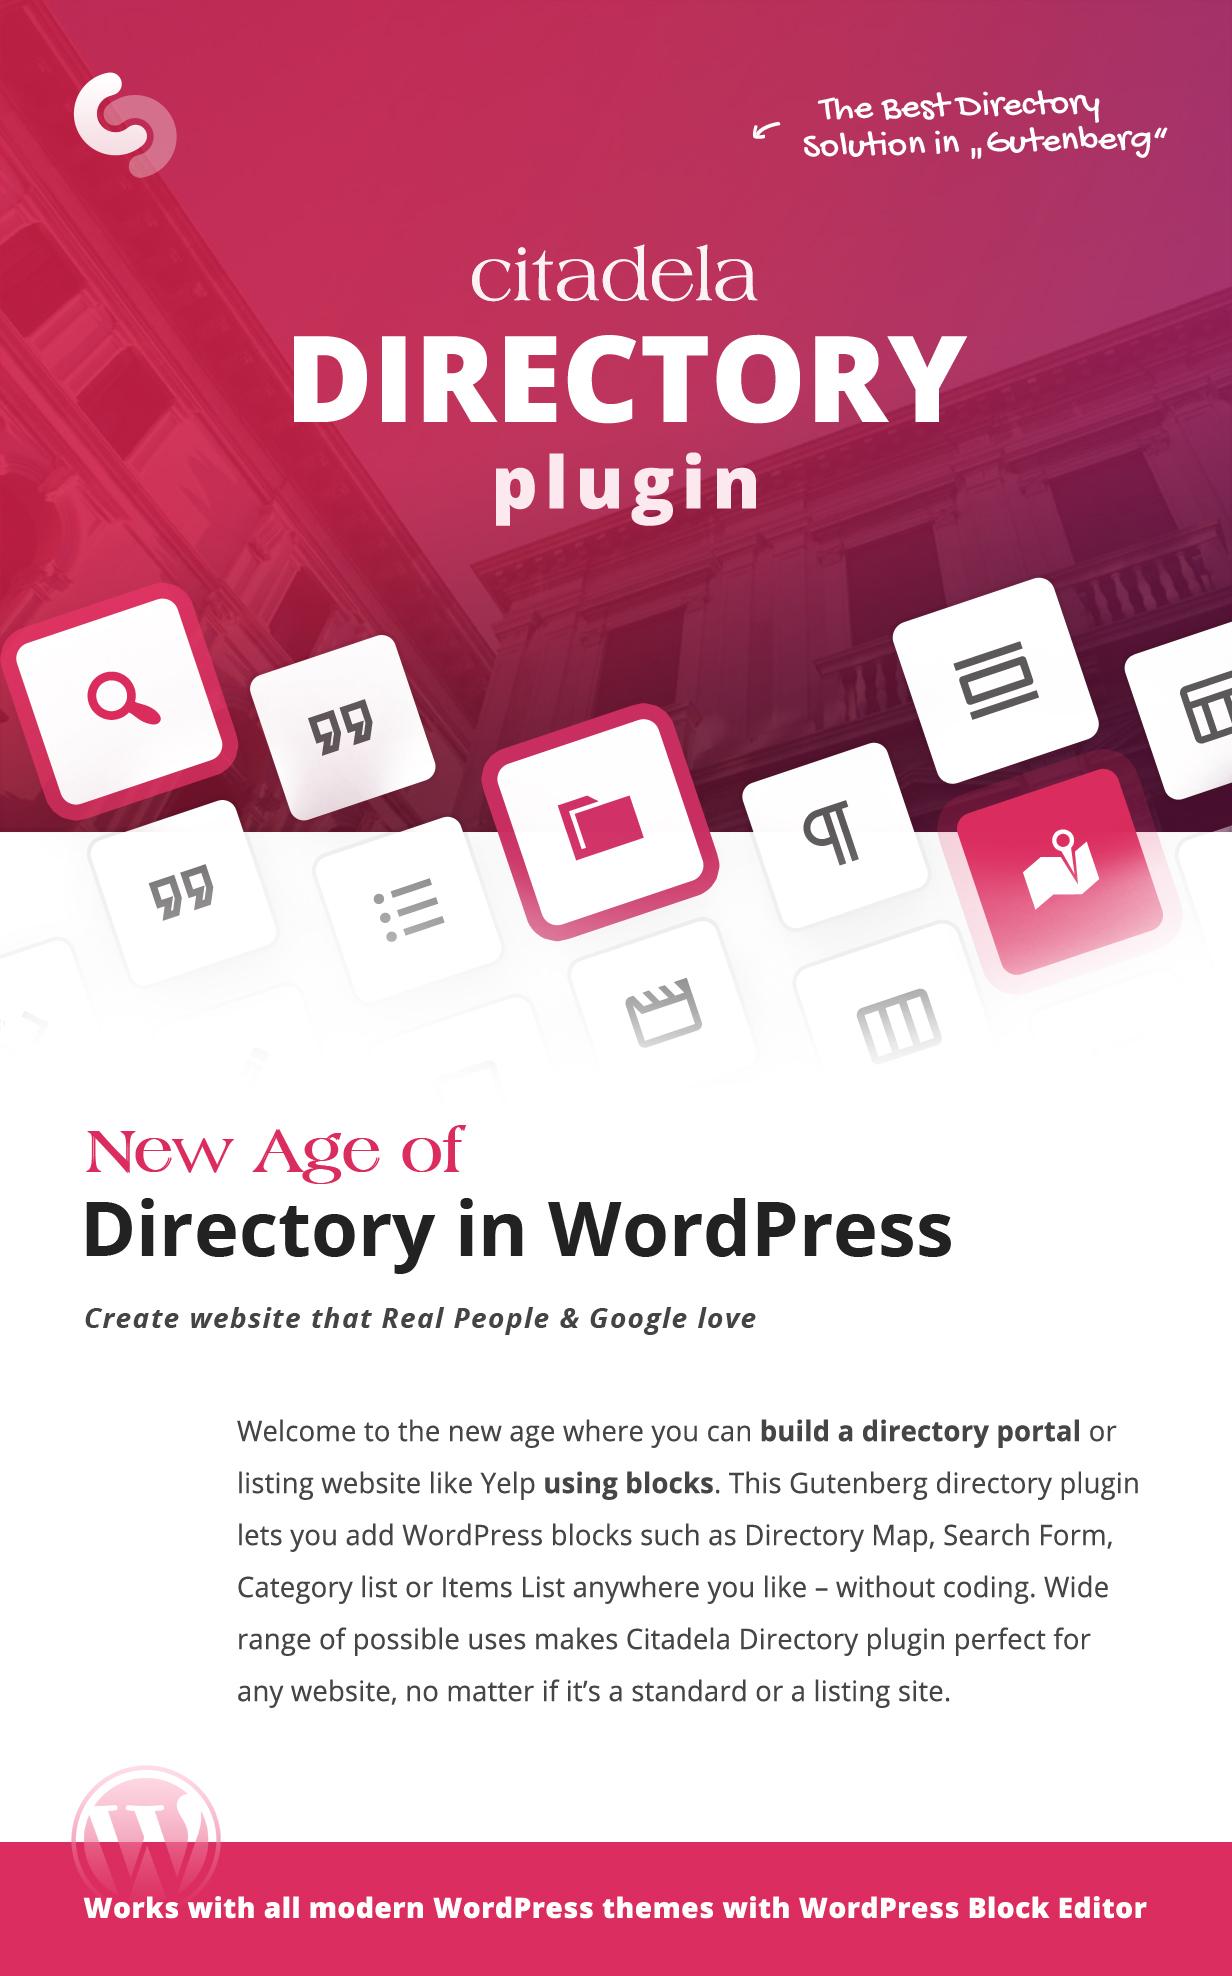 Plug-in Citadela Directory como a melhor solução de diretório em Gutenberg